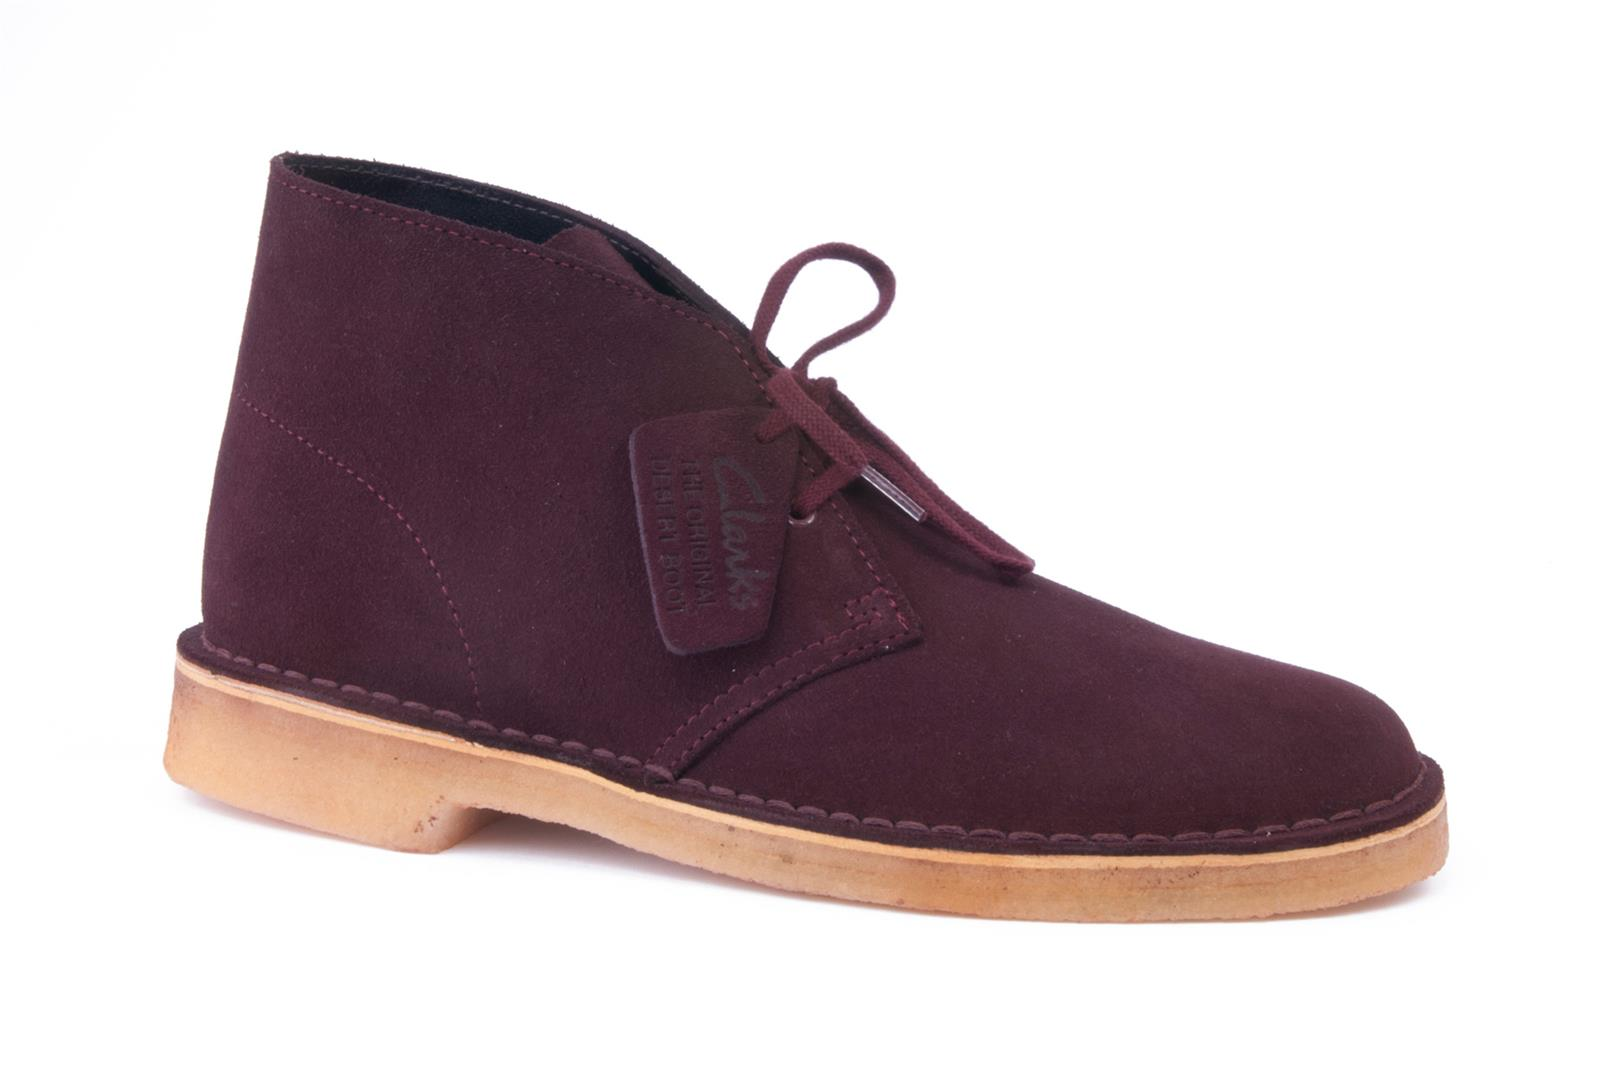 9cc89a94 Clarks desert boot uomo VINACCIA Y5